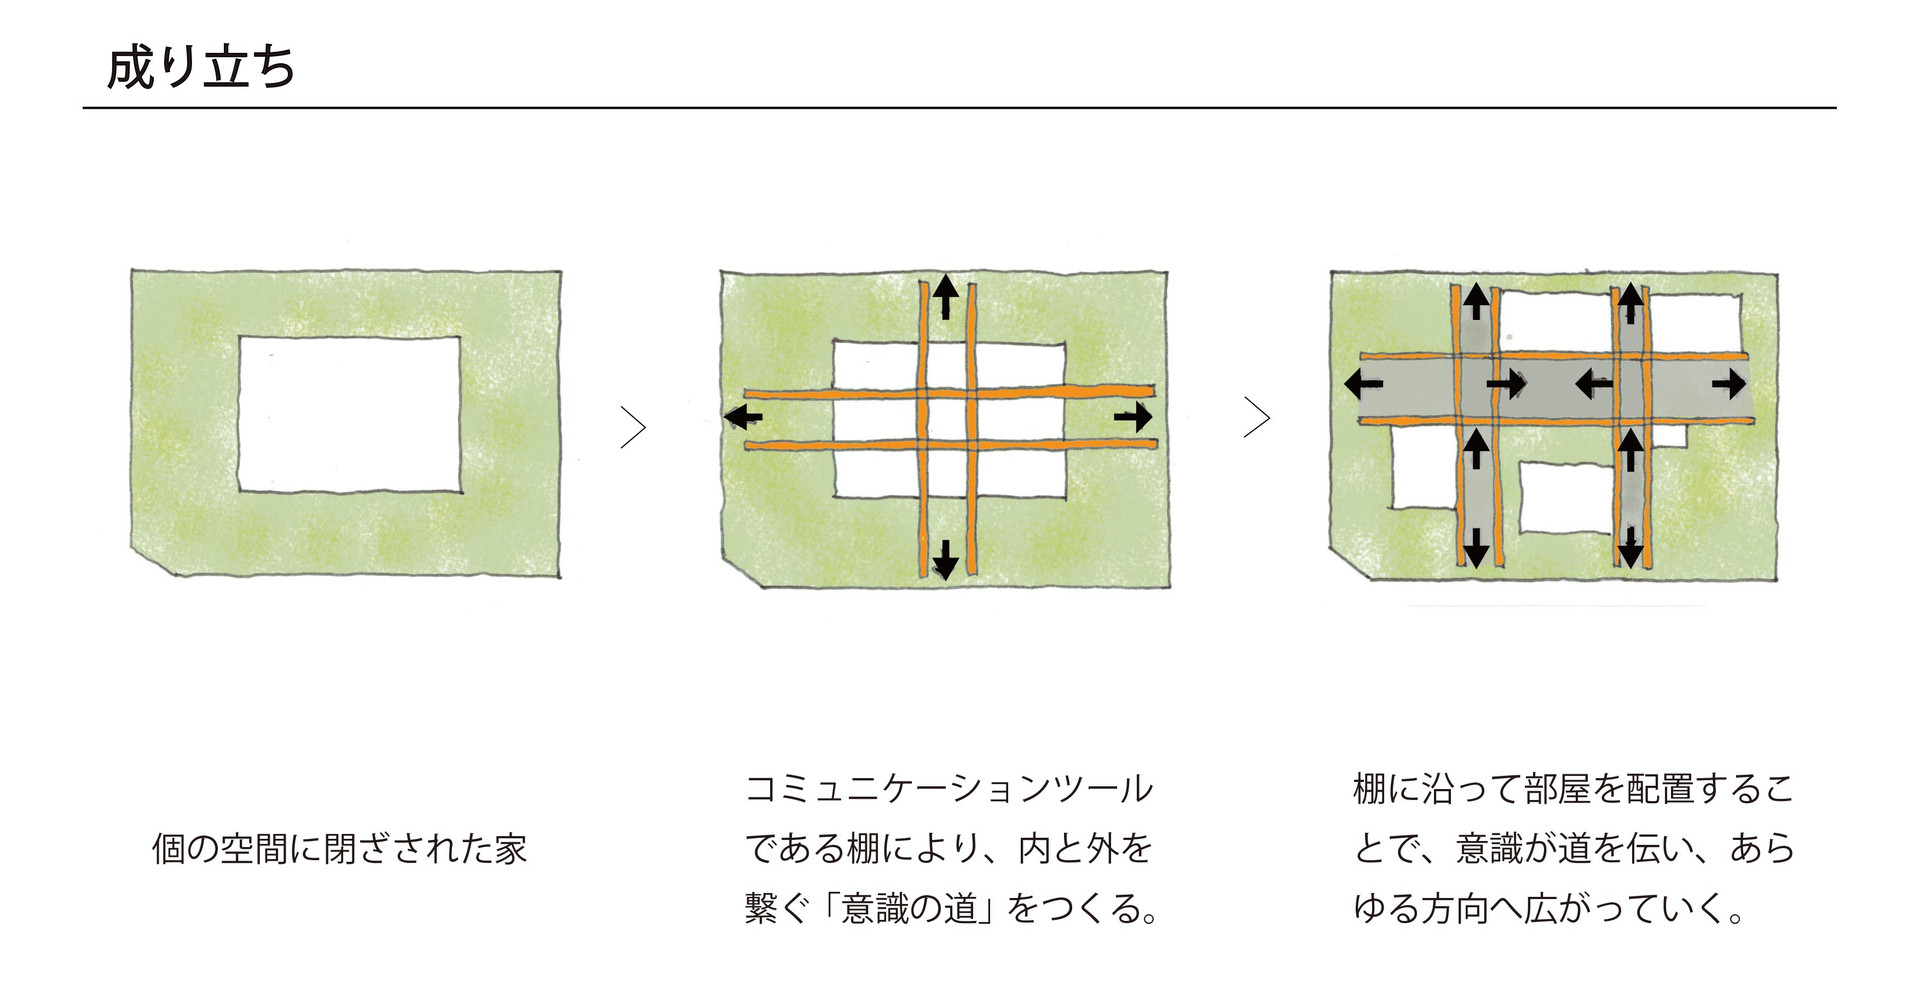 植松駿_03.jpg